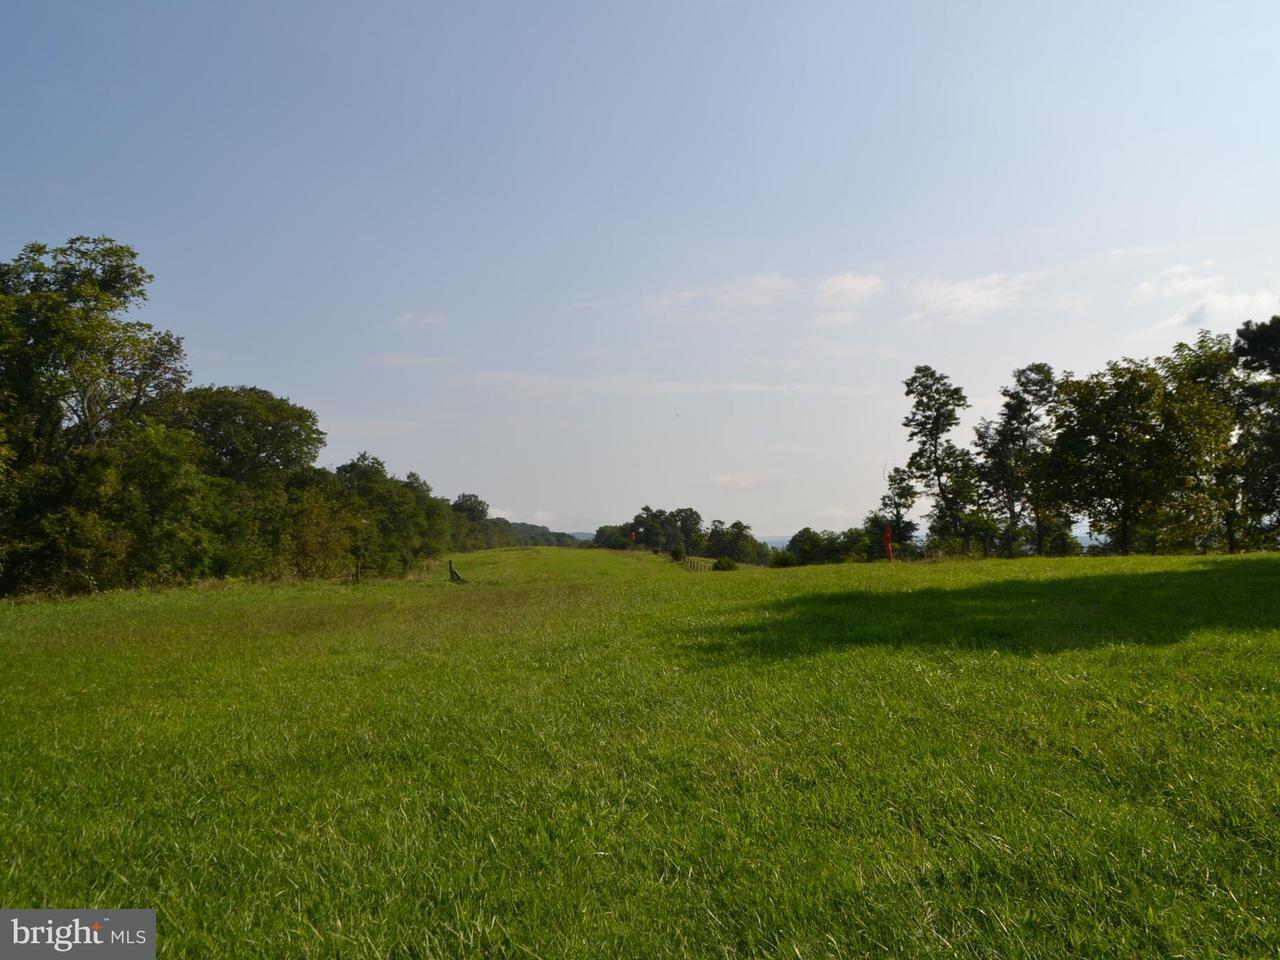 Farm / Hof für Verkauf beim 5 DON MCCAULEY 5 DON MCCAULEY Romney, West Virginia 26757 Vereinigte Staaten